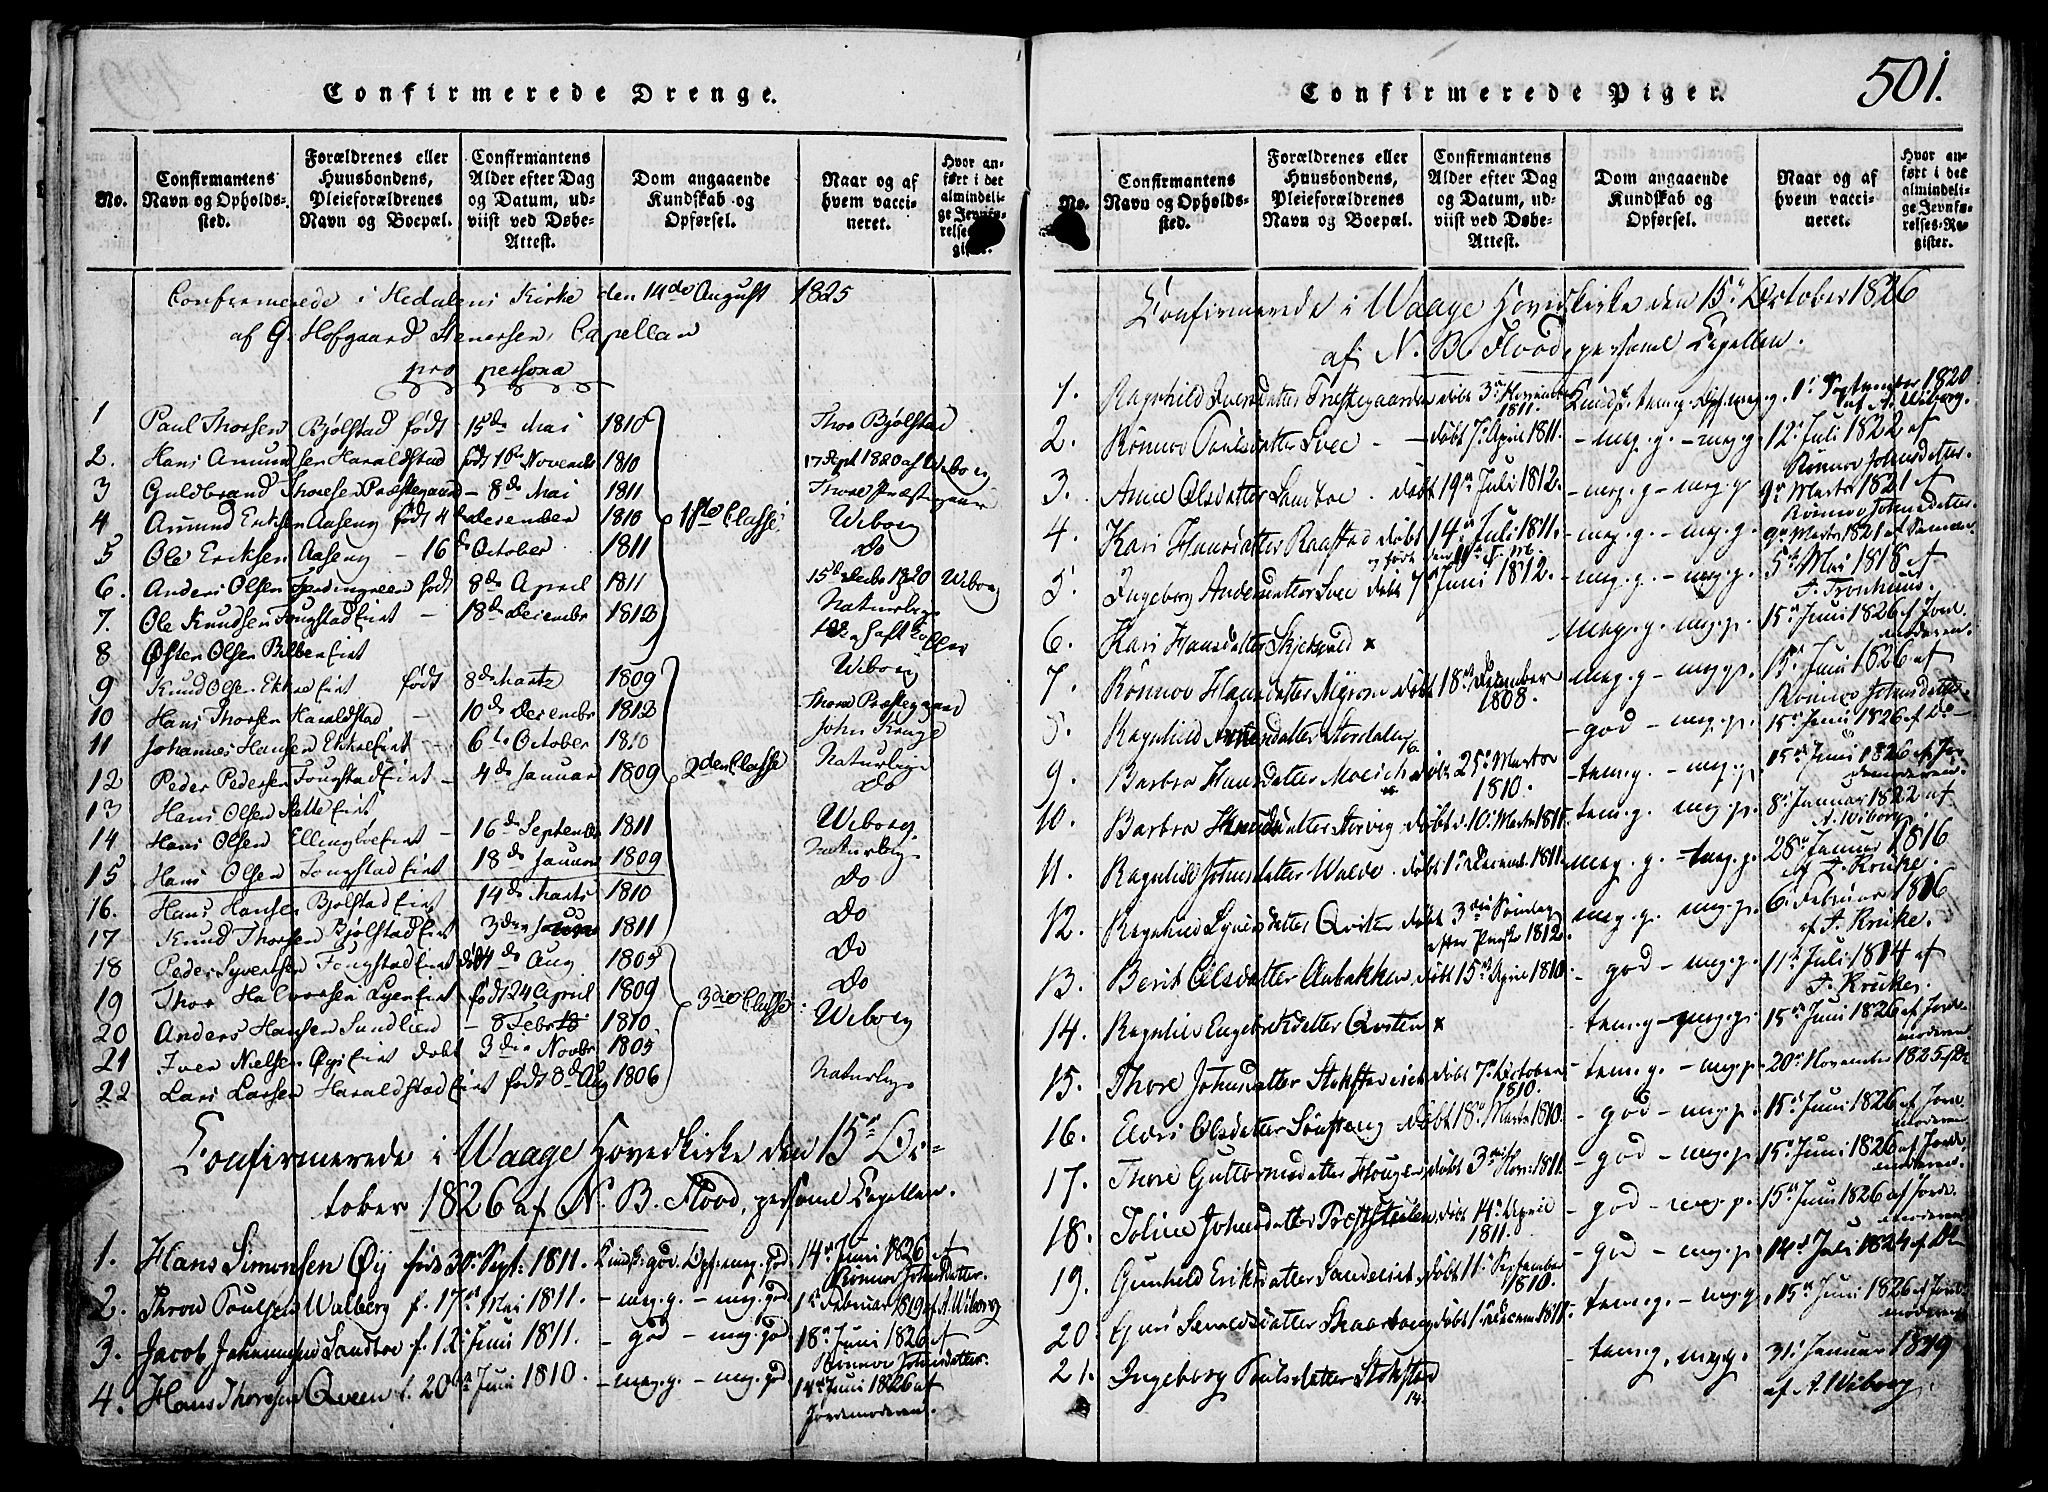 SAH, Vågå prestekontor, Klokkerbok nr. 1, 1815-1827, s. 500-501